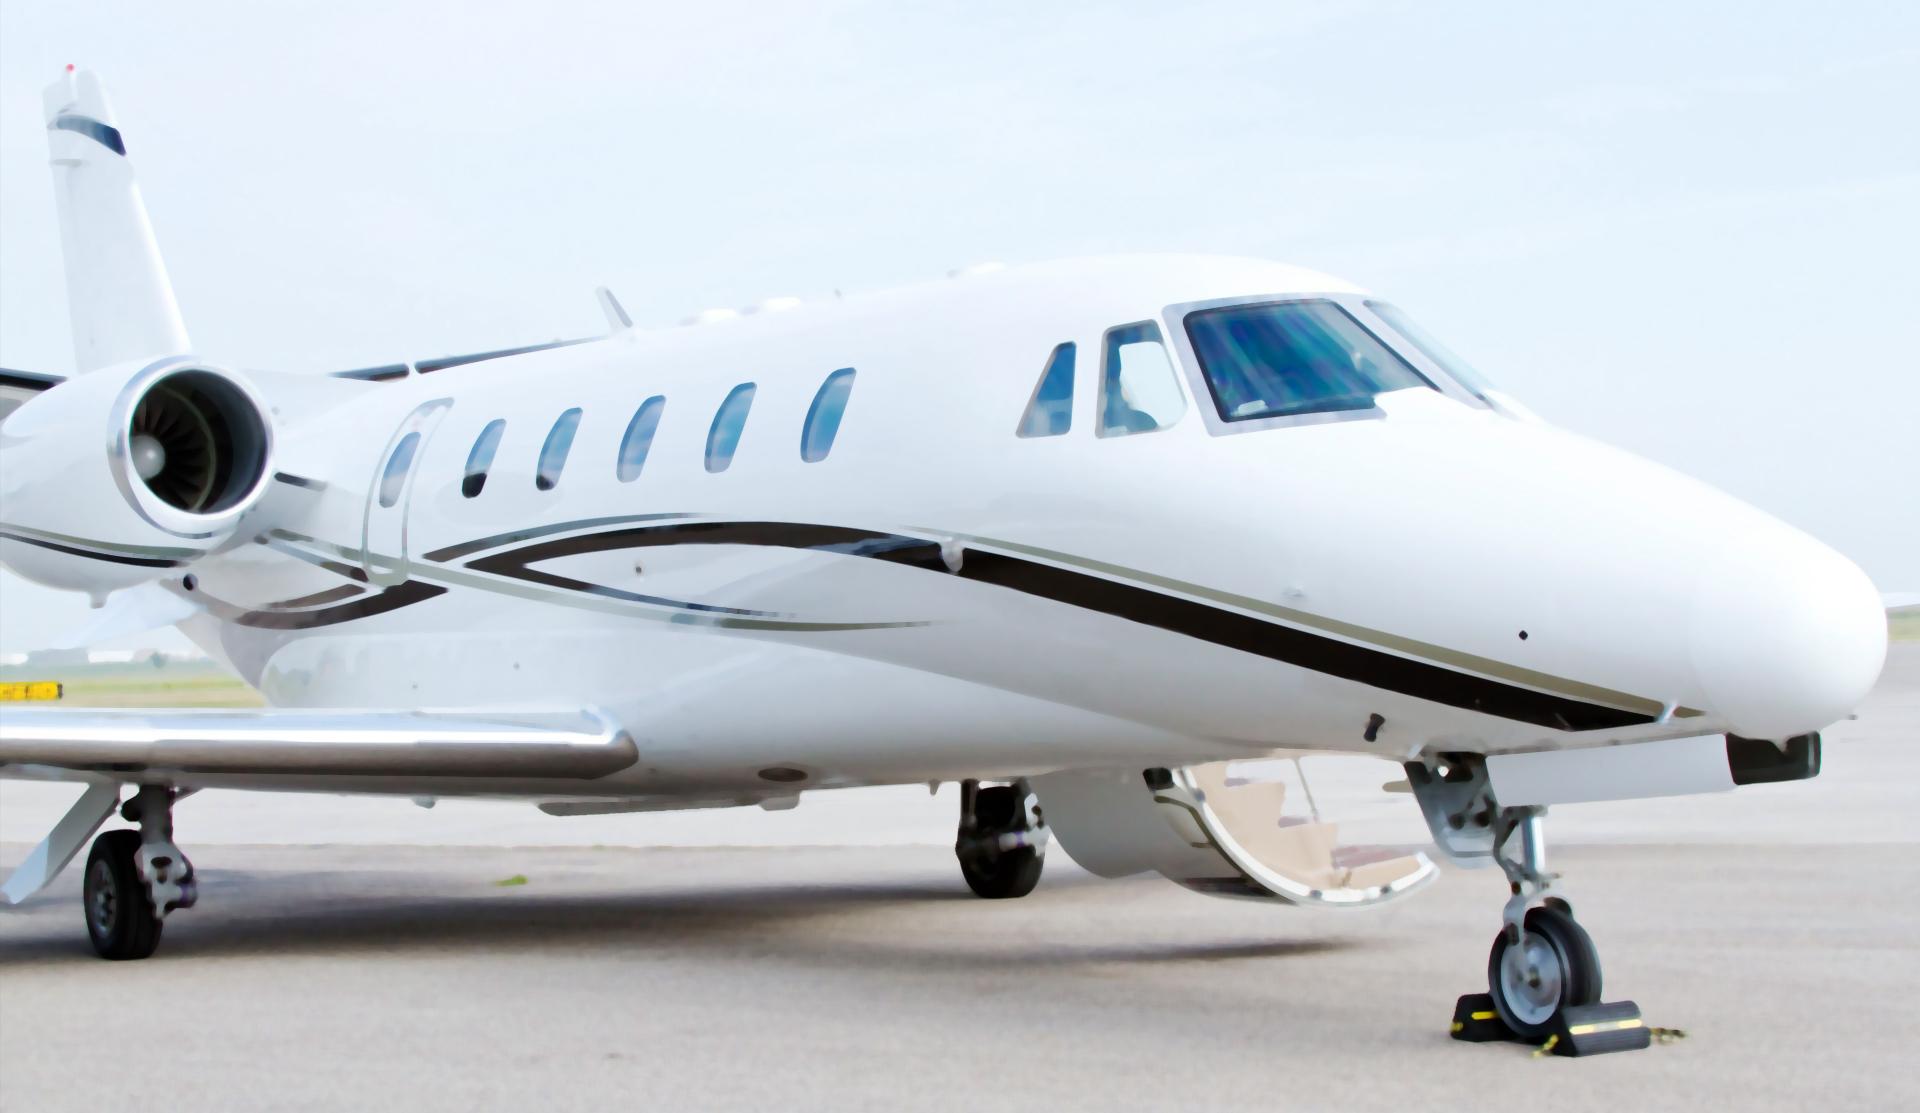 Jet Privato Volo Vuoto : Jet privato e water taxi noltlimo